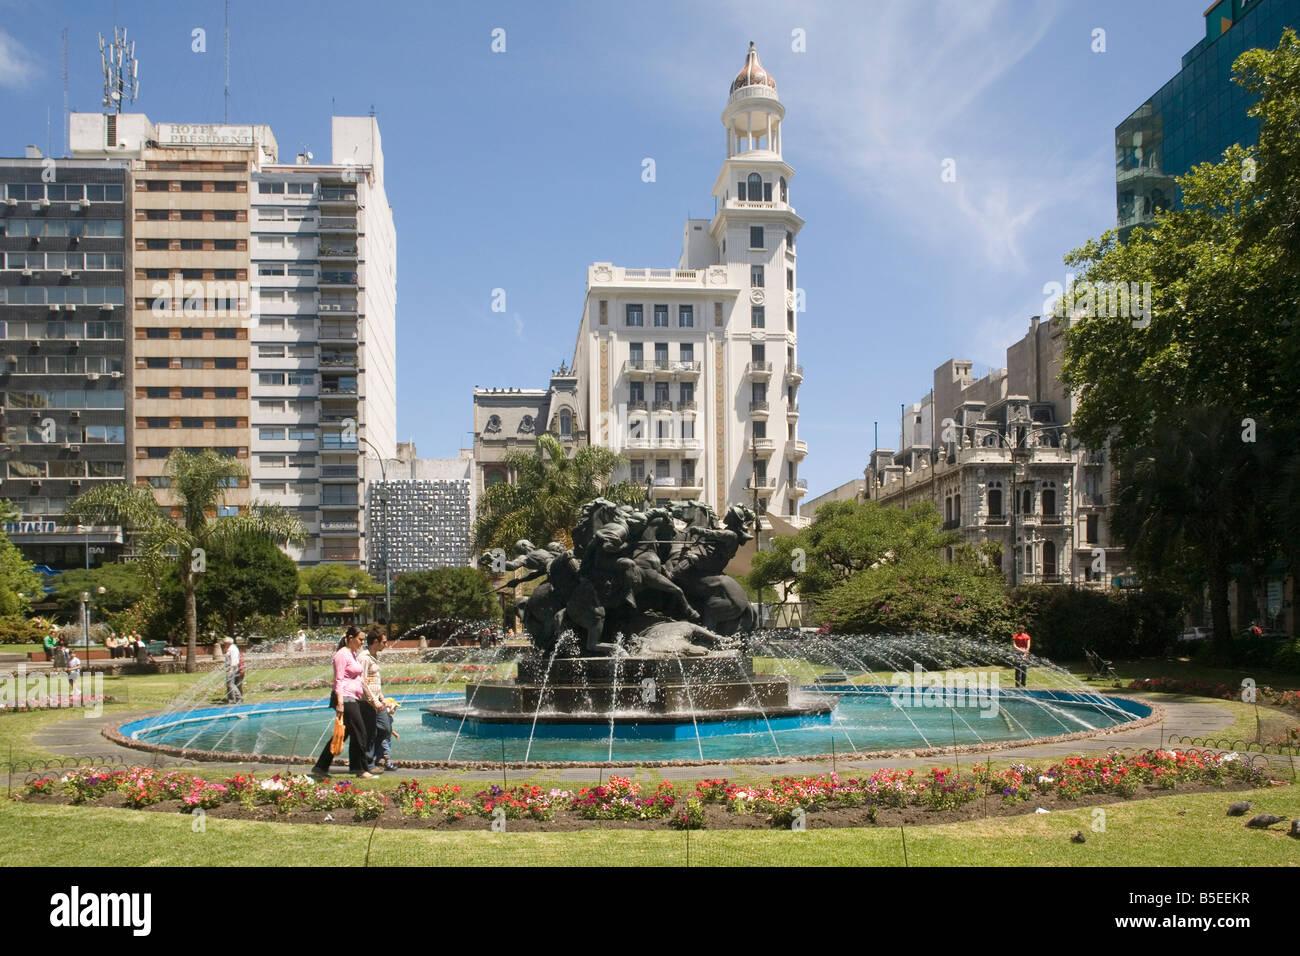 Plaza Fabini Montevideo Uruguay Sud America Immagini Stock